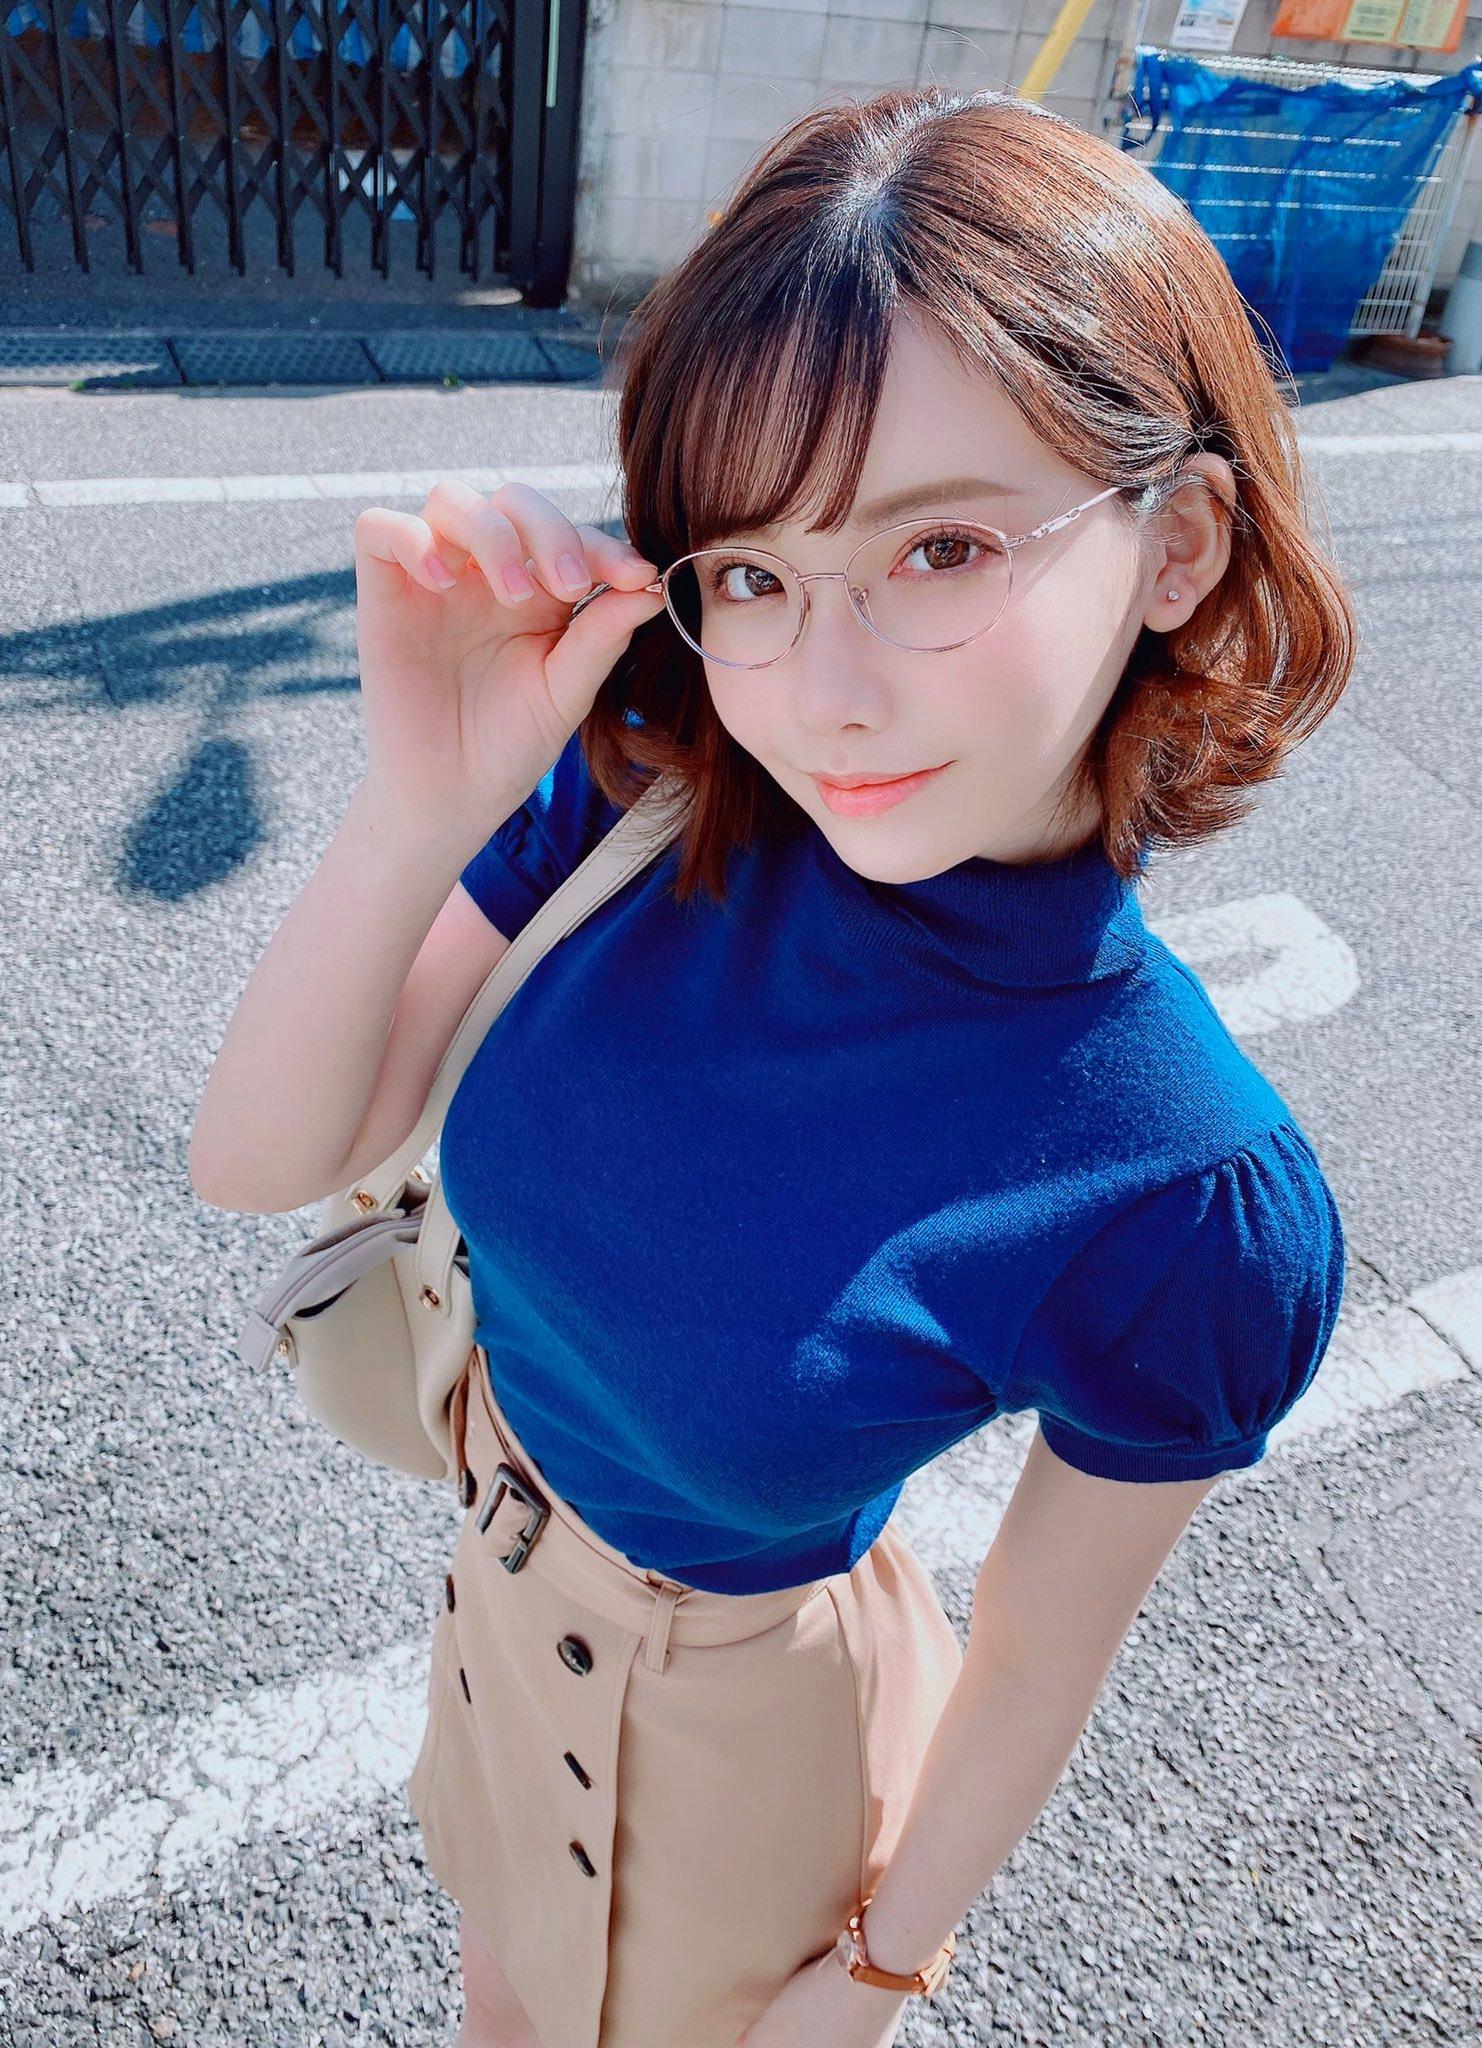 疯狂!深田咏美分享火辣照片,竟然被男粉丝跟踪 第4张